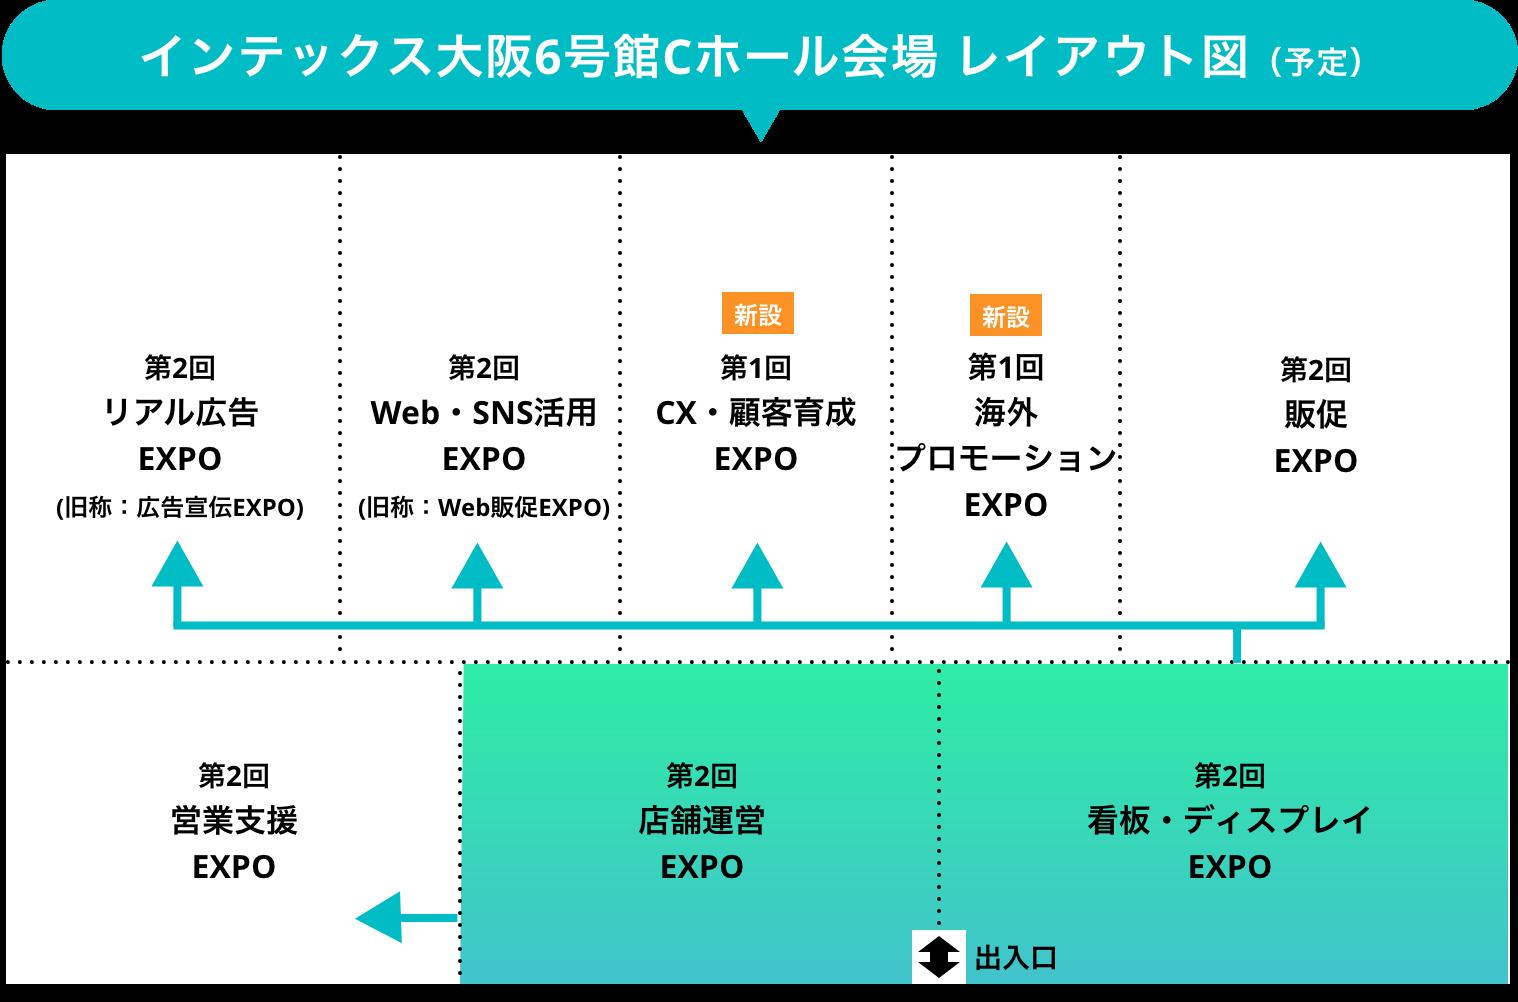 インテックス大阪6号館Cホール会場 レイアウト図(予定)